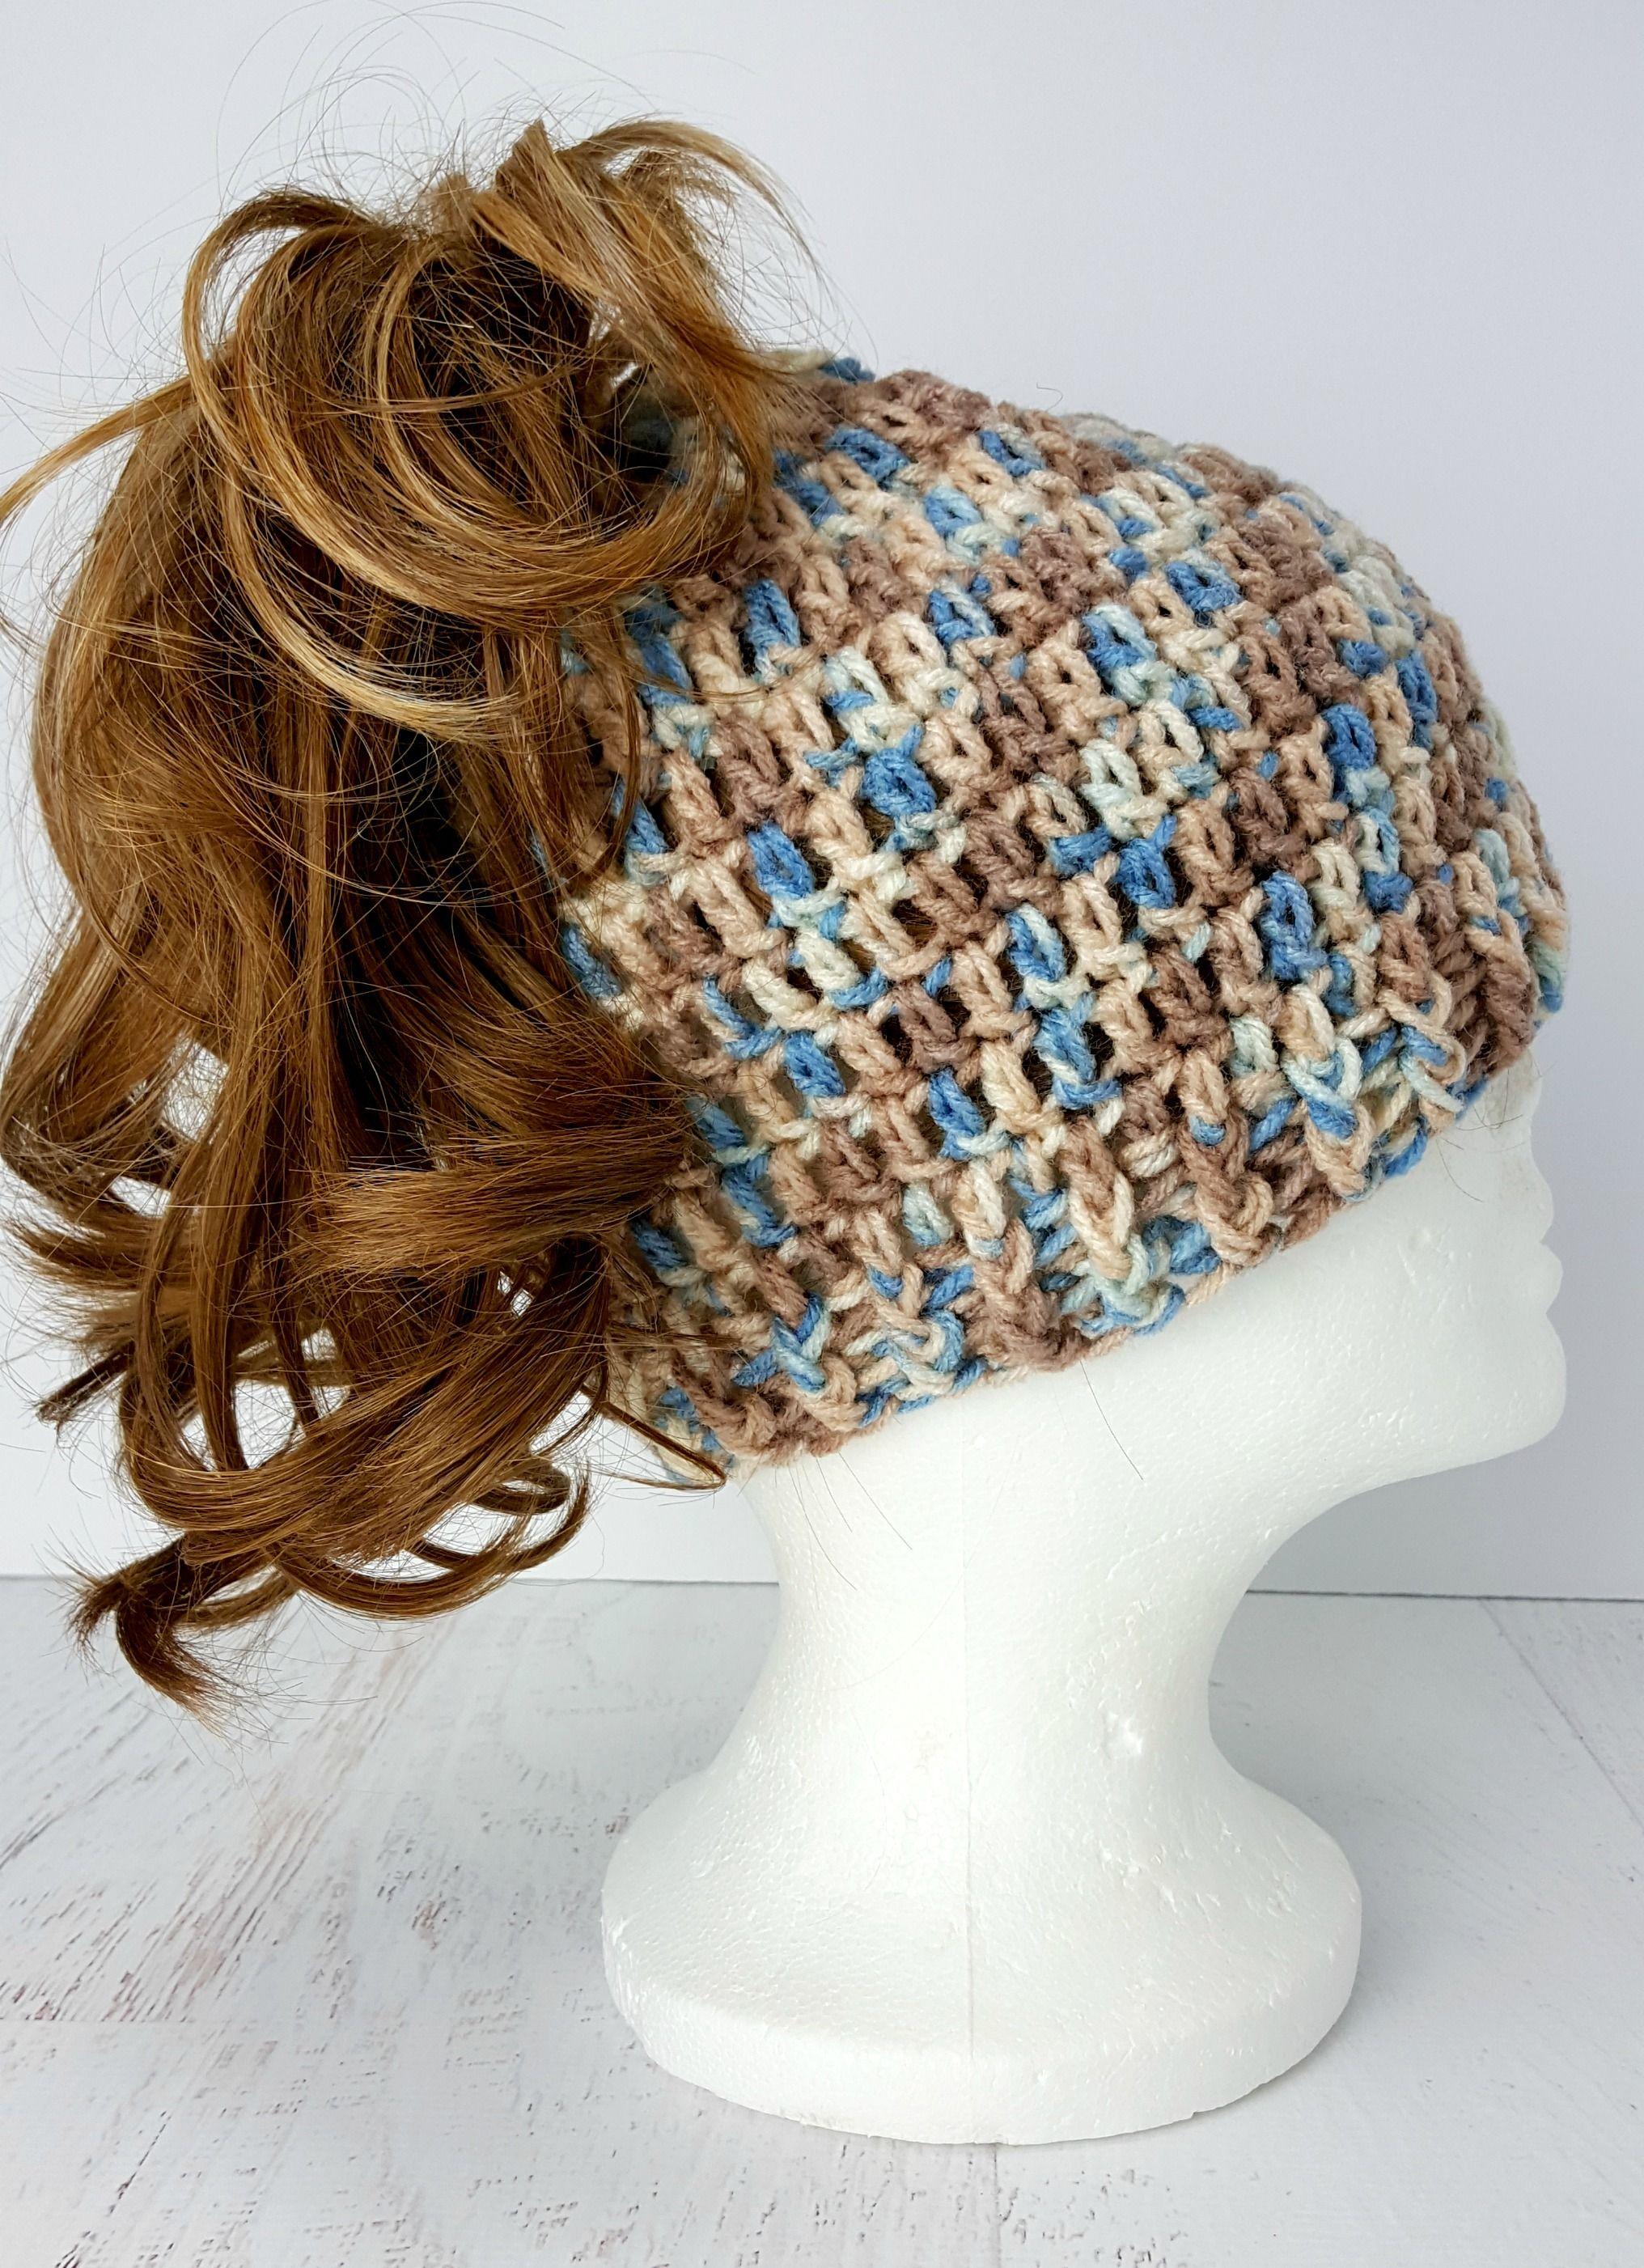 Easy to Crochet Messy Bun hat - Fun and Easy   Häkelmützen und Stricken